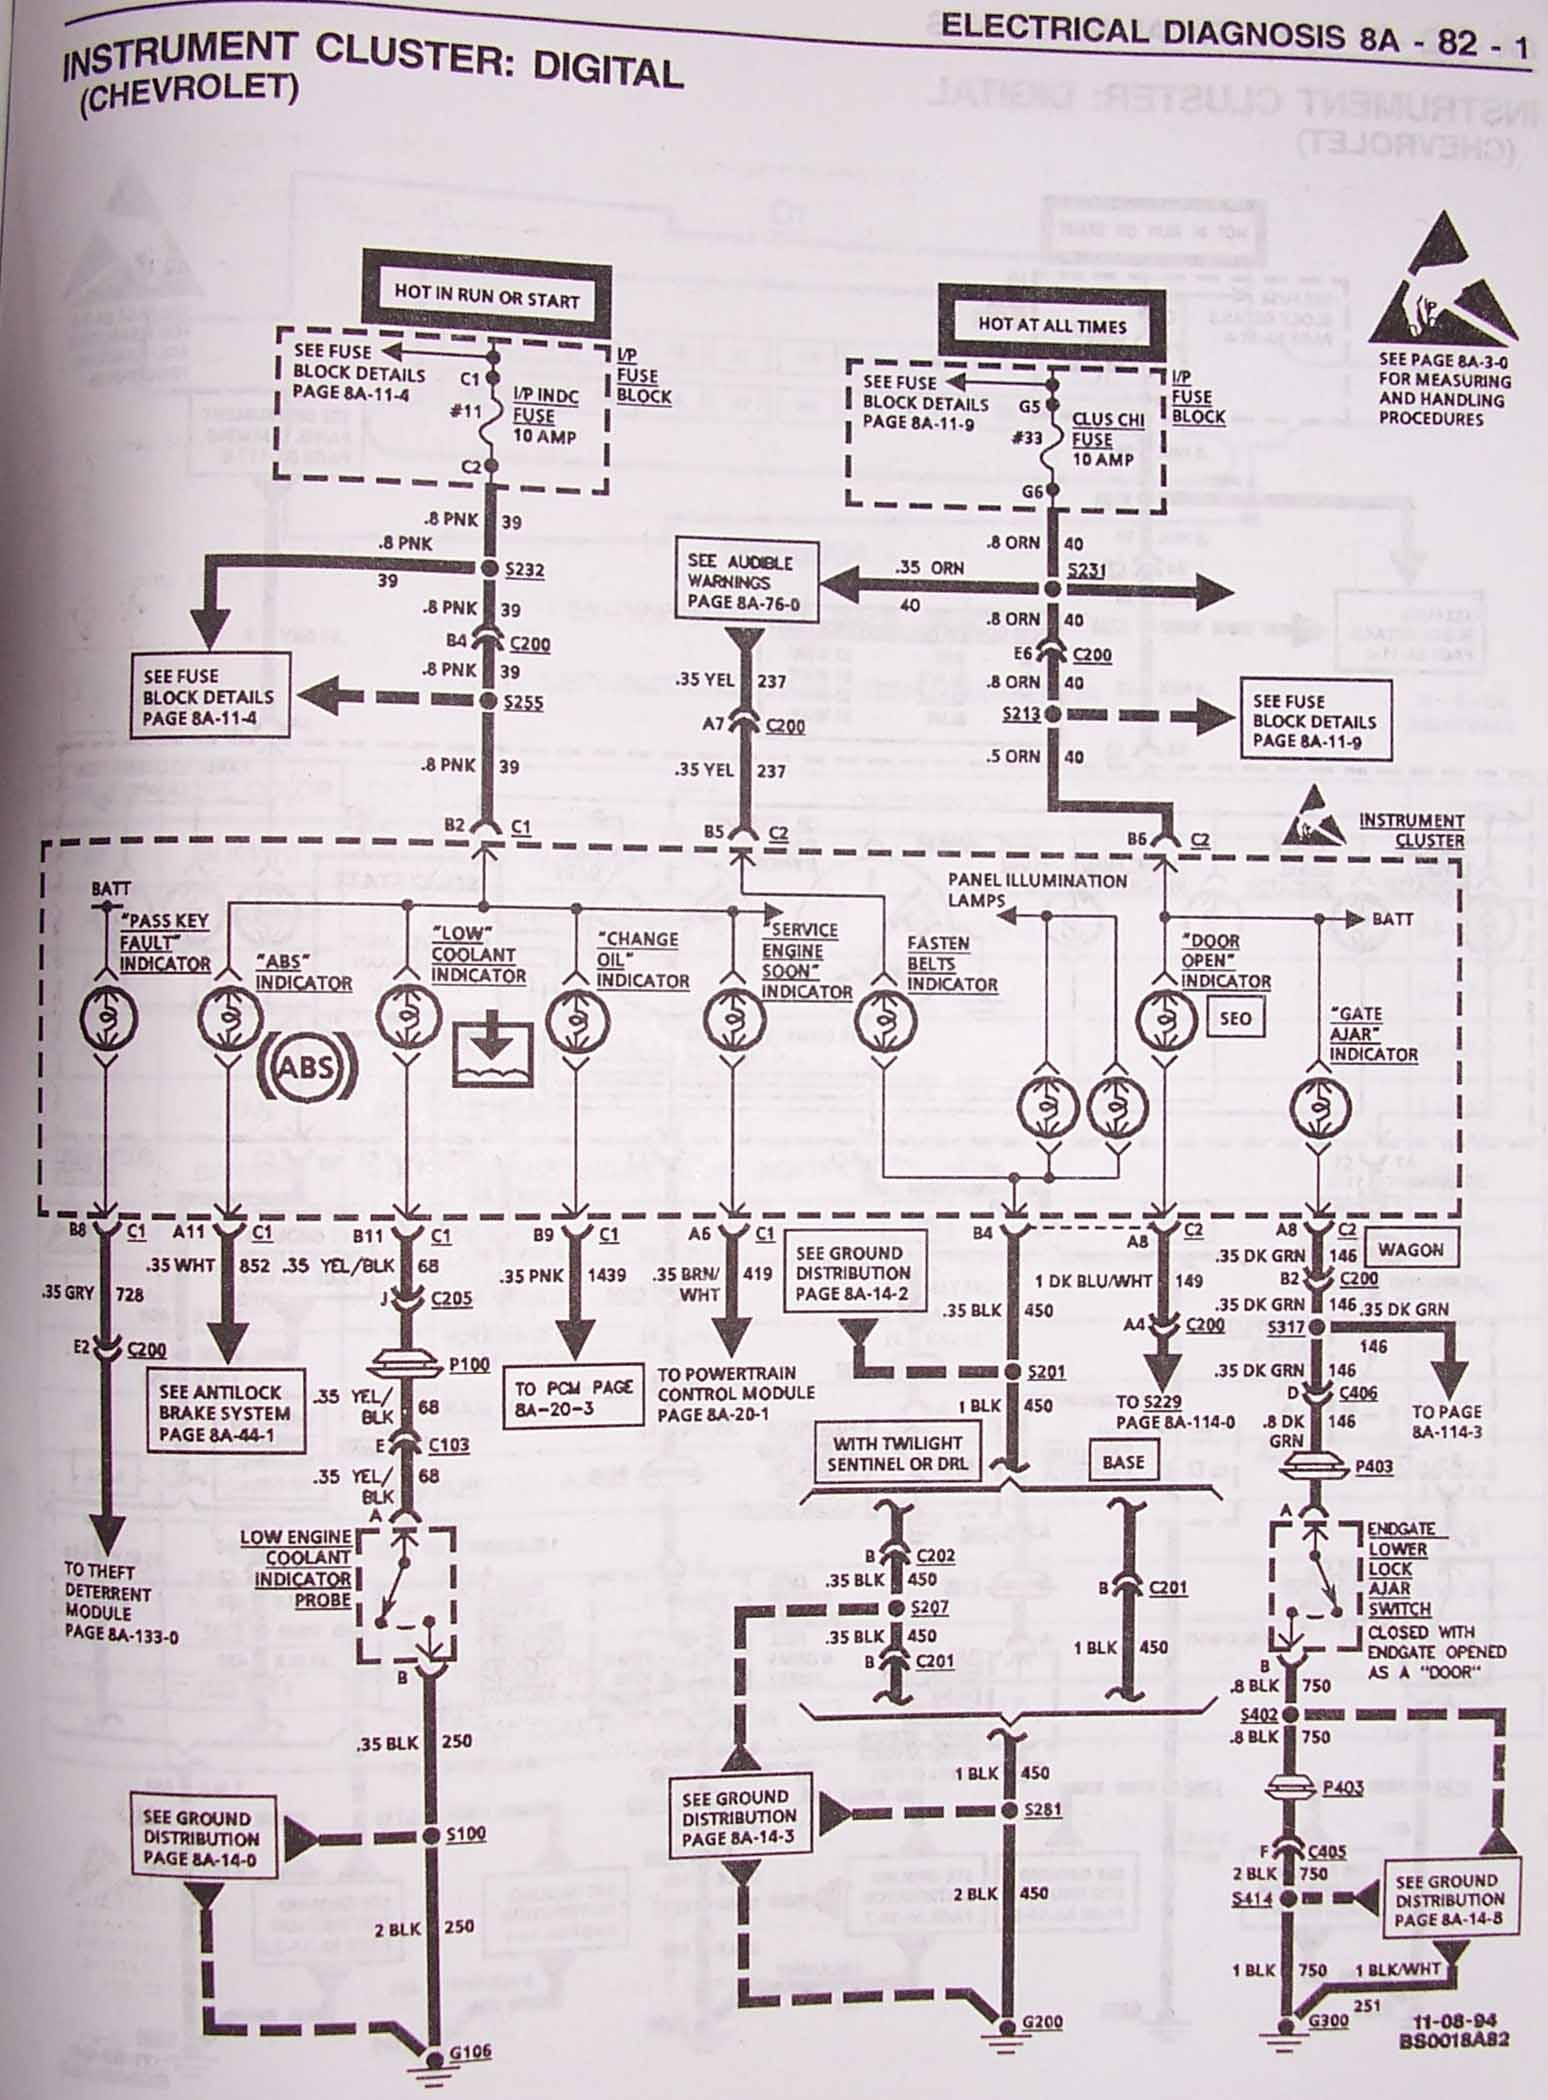 1995 impala ss wiring diagram - wiring diagram schematics 95 camaro wiring diagram  wiring diagrams schematics